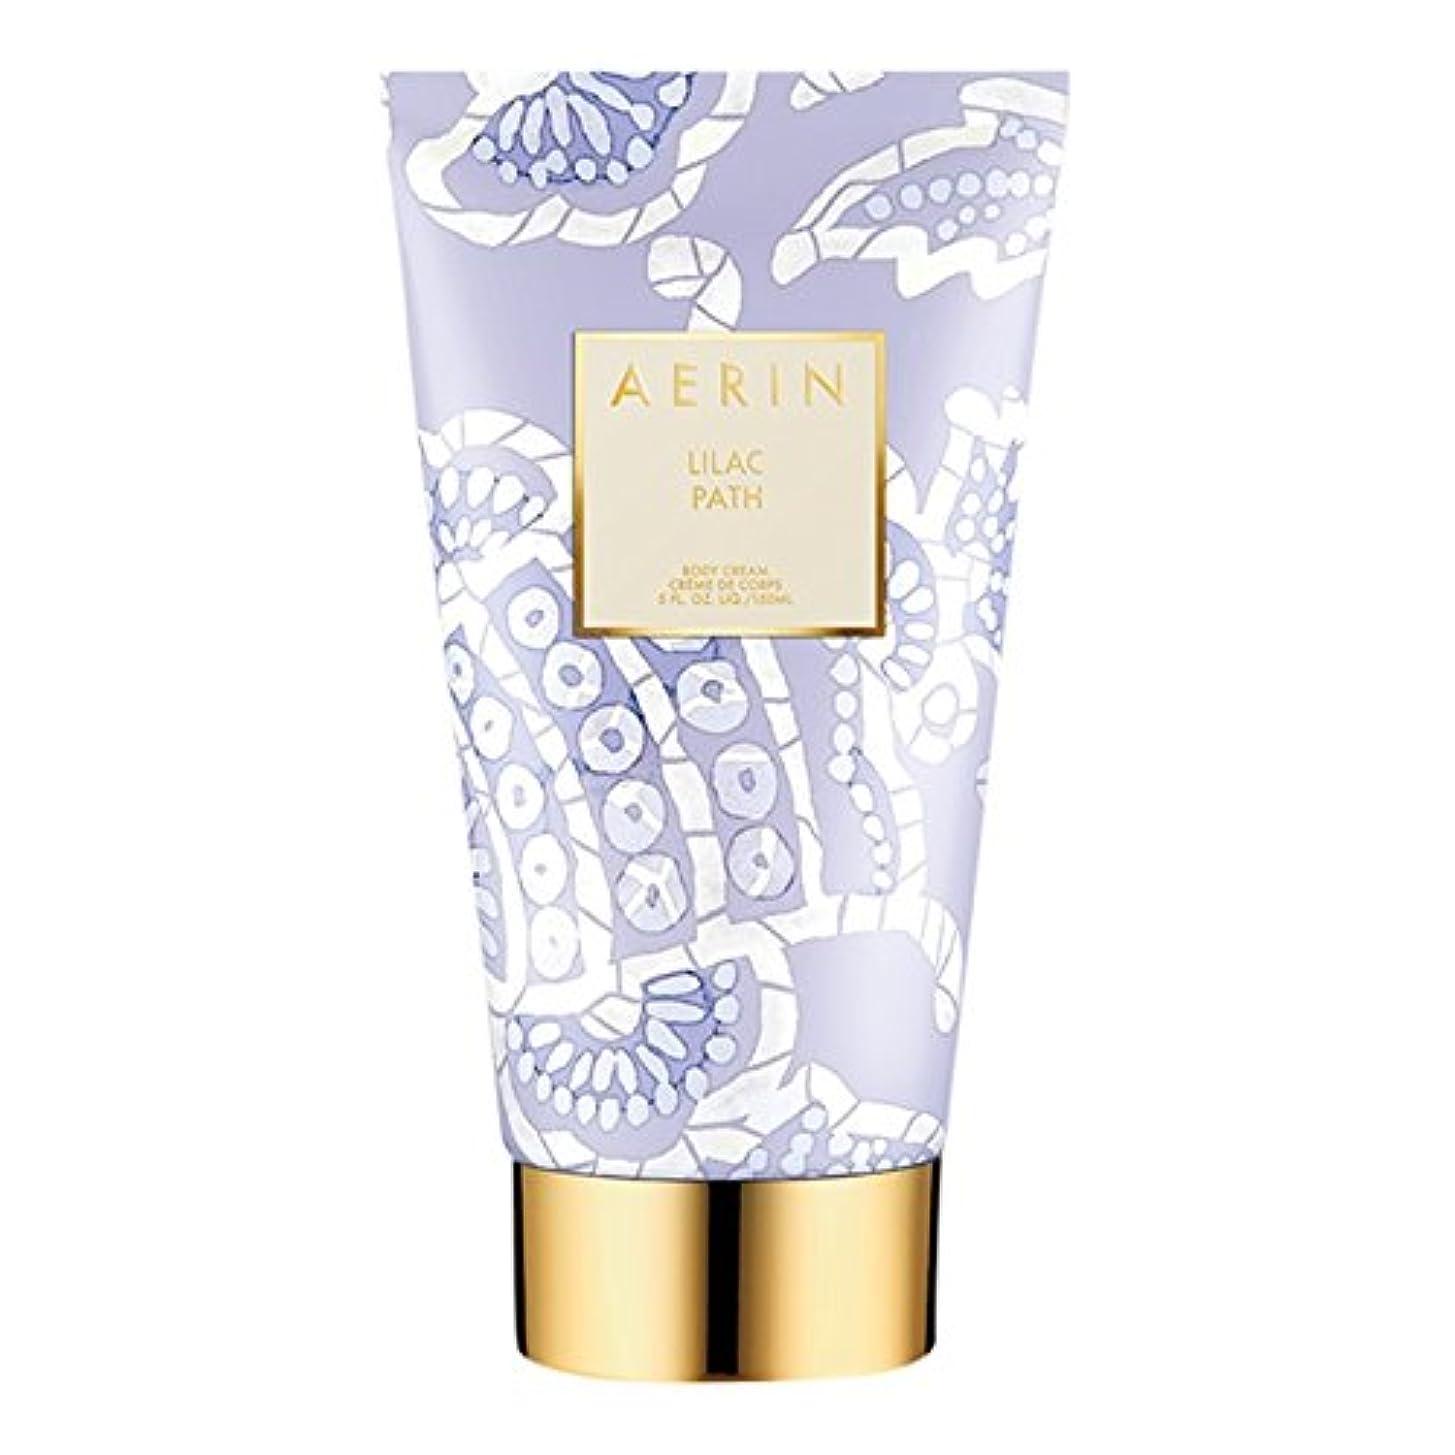 マンモス発明する納税者Aerinライラックパスボディクリーム150ミリリットル (AERIN) (x6) - AERIN Lilac Path Body Cream 150ml (Pack of 6) [並行輸入品]